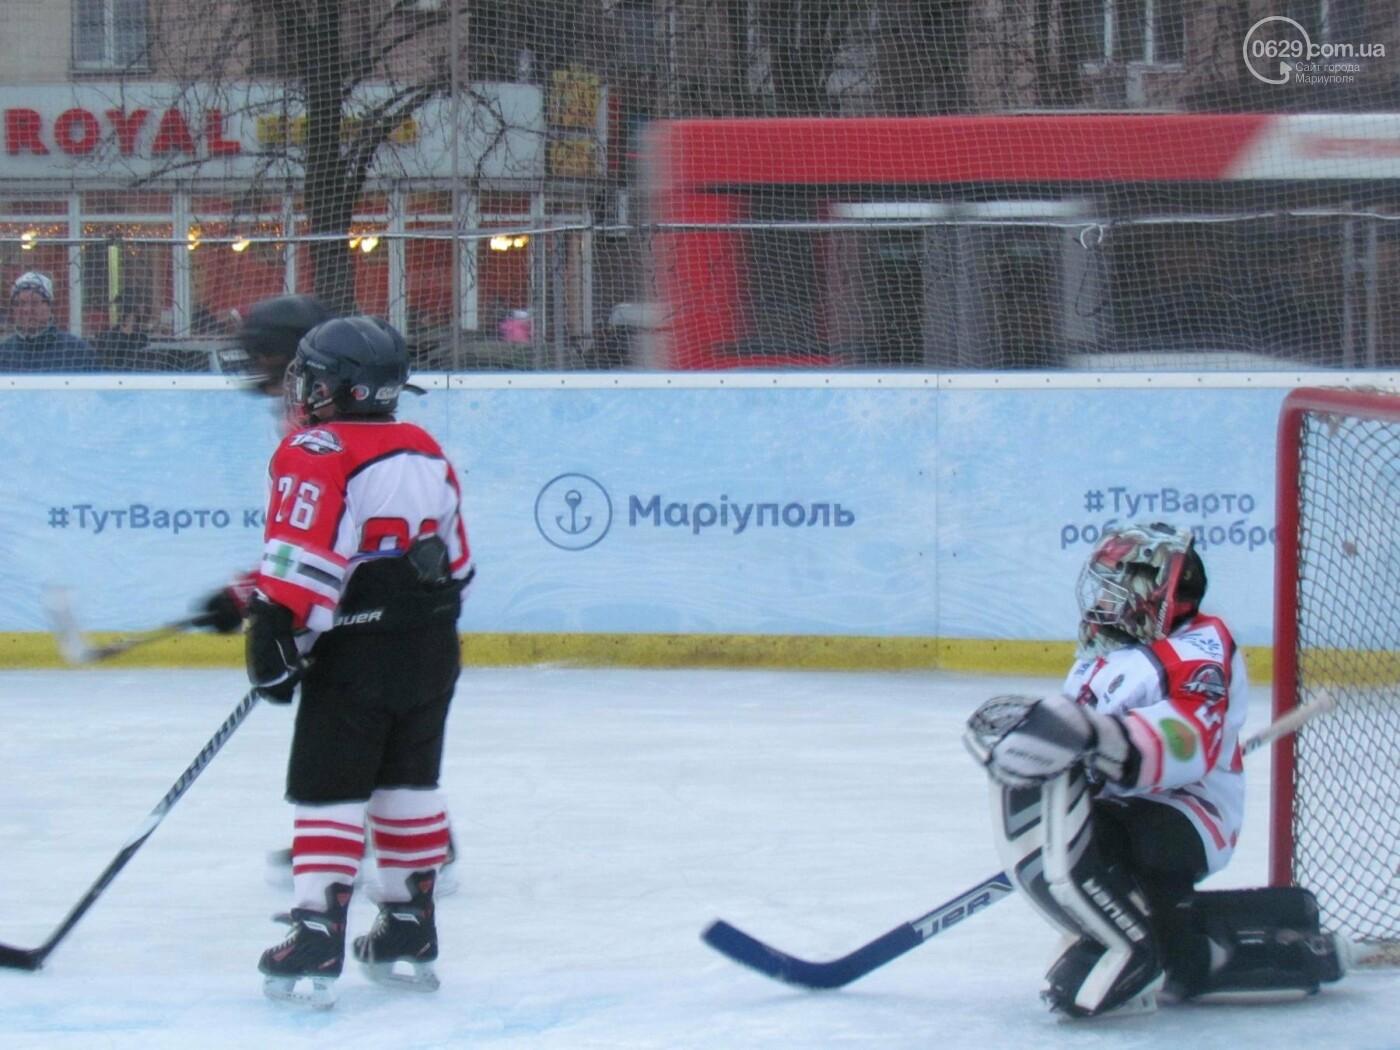 В Мариуполе хоккеисты и фигуристы открыли каток (ВИДЕО ОНЛАЙН), фото-4